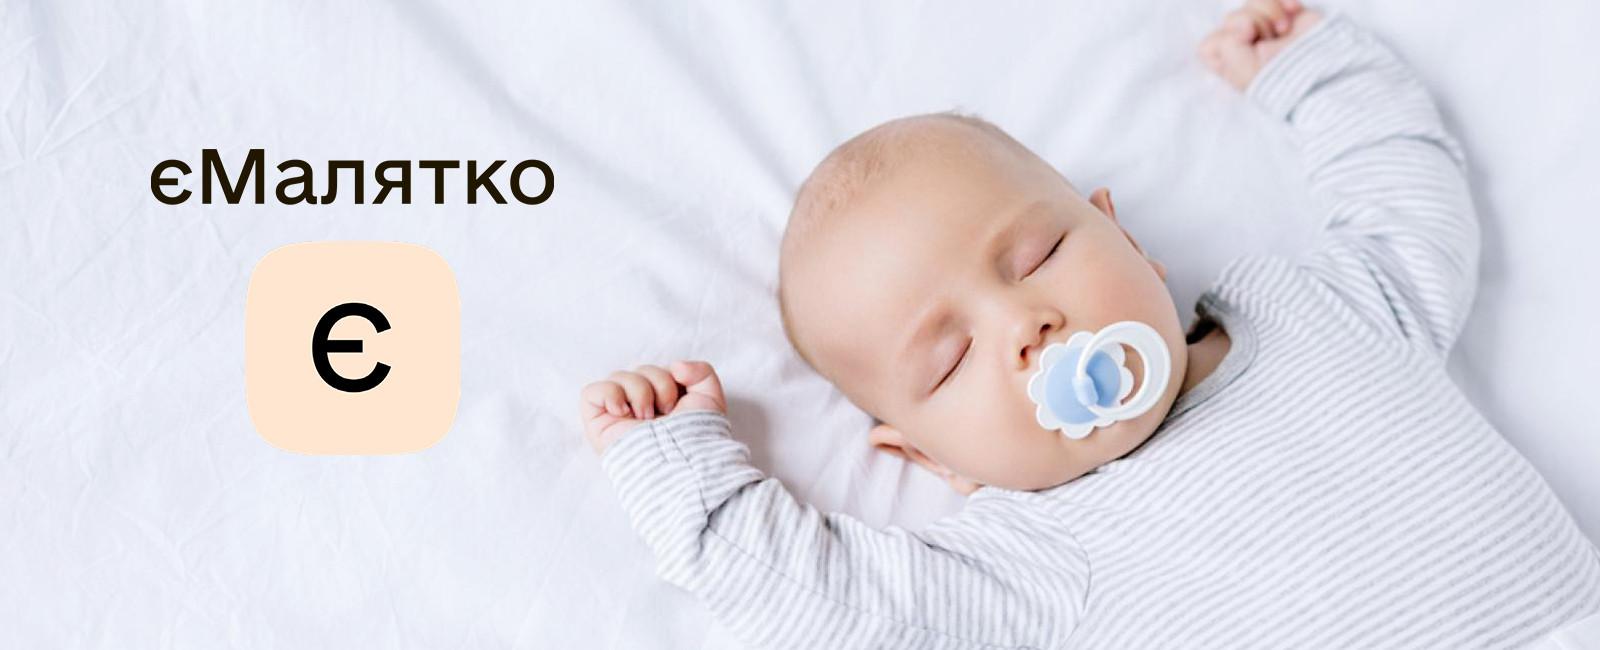 Відтепер свідоцтво про народження дитини можна отримати Укрпоштою завдяки сервісу «єМалятко»